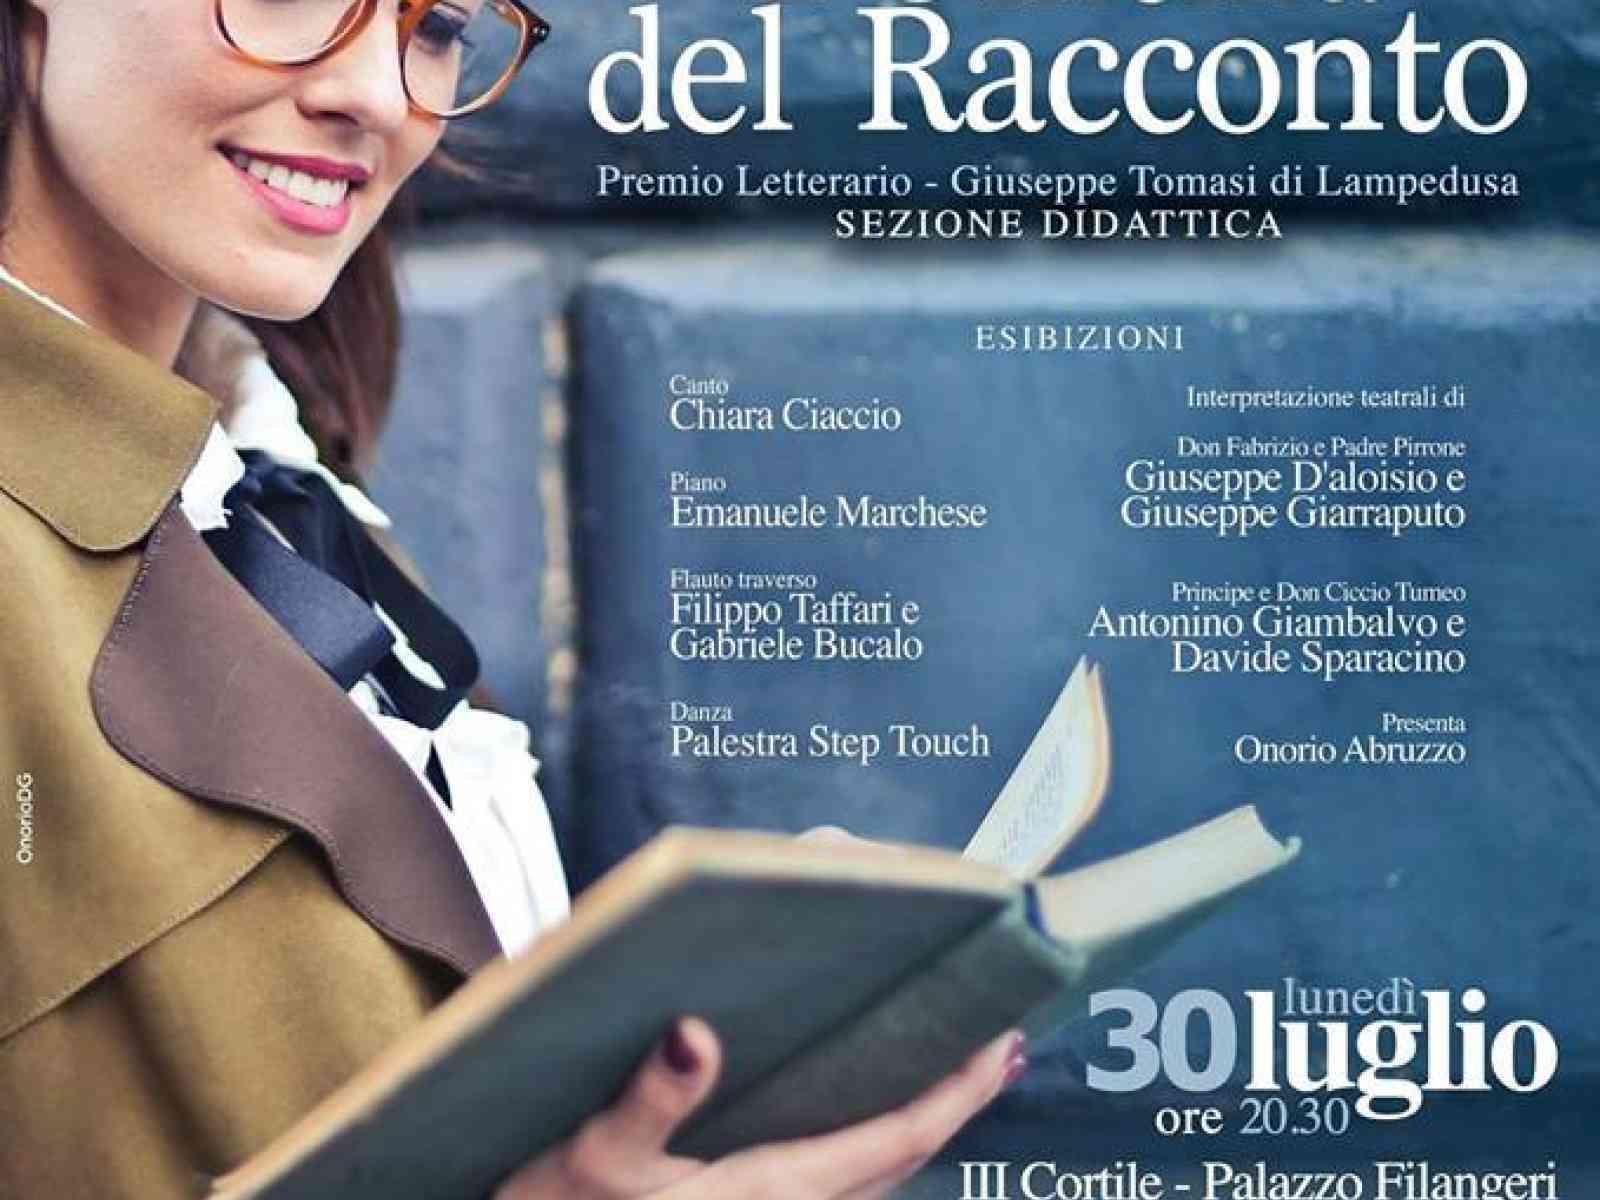 Immagine articolo: S.Margherita, questa sera alle 20.30 a Santa Margherita di Belìce l'Officina del Racconto. Previsto grande afflusso di cittadini